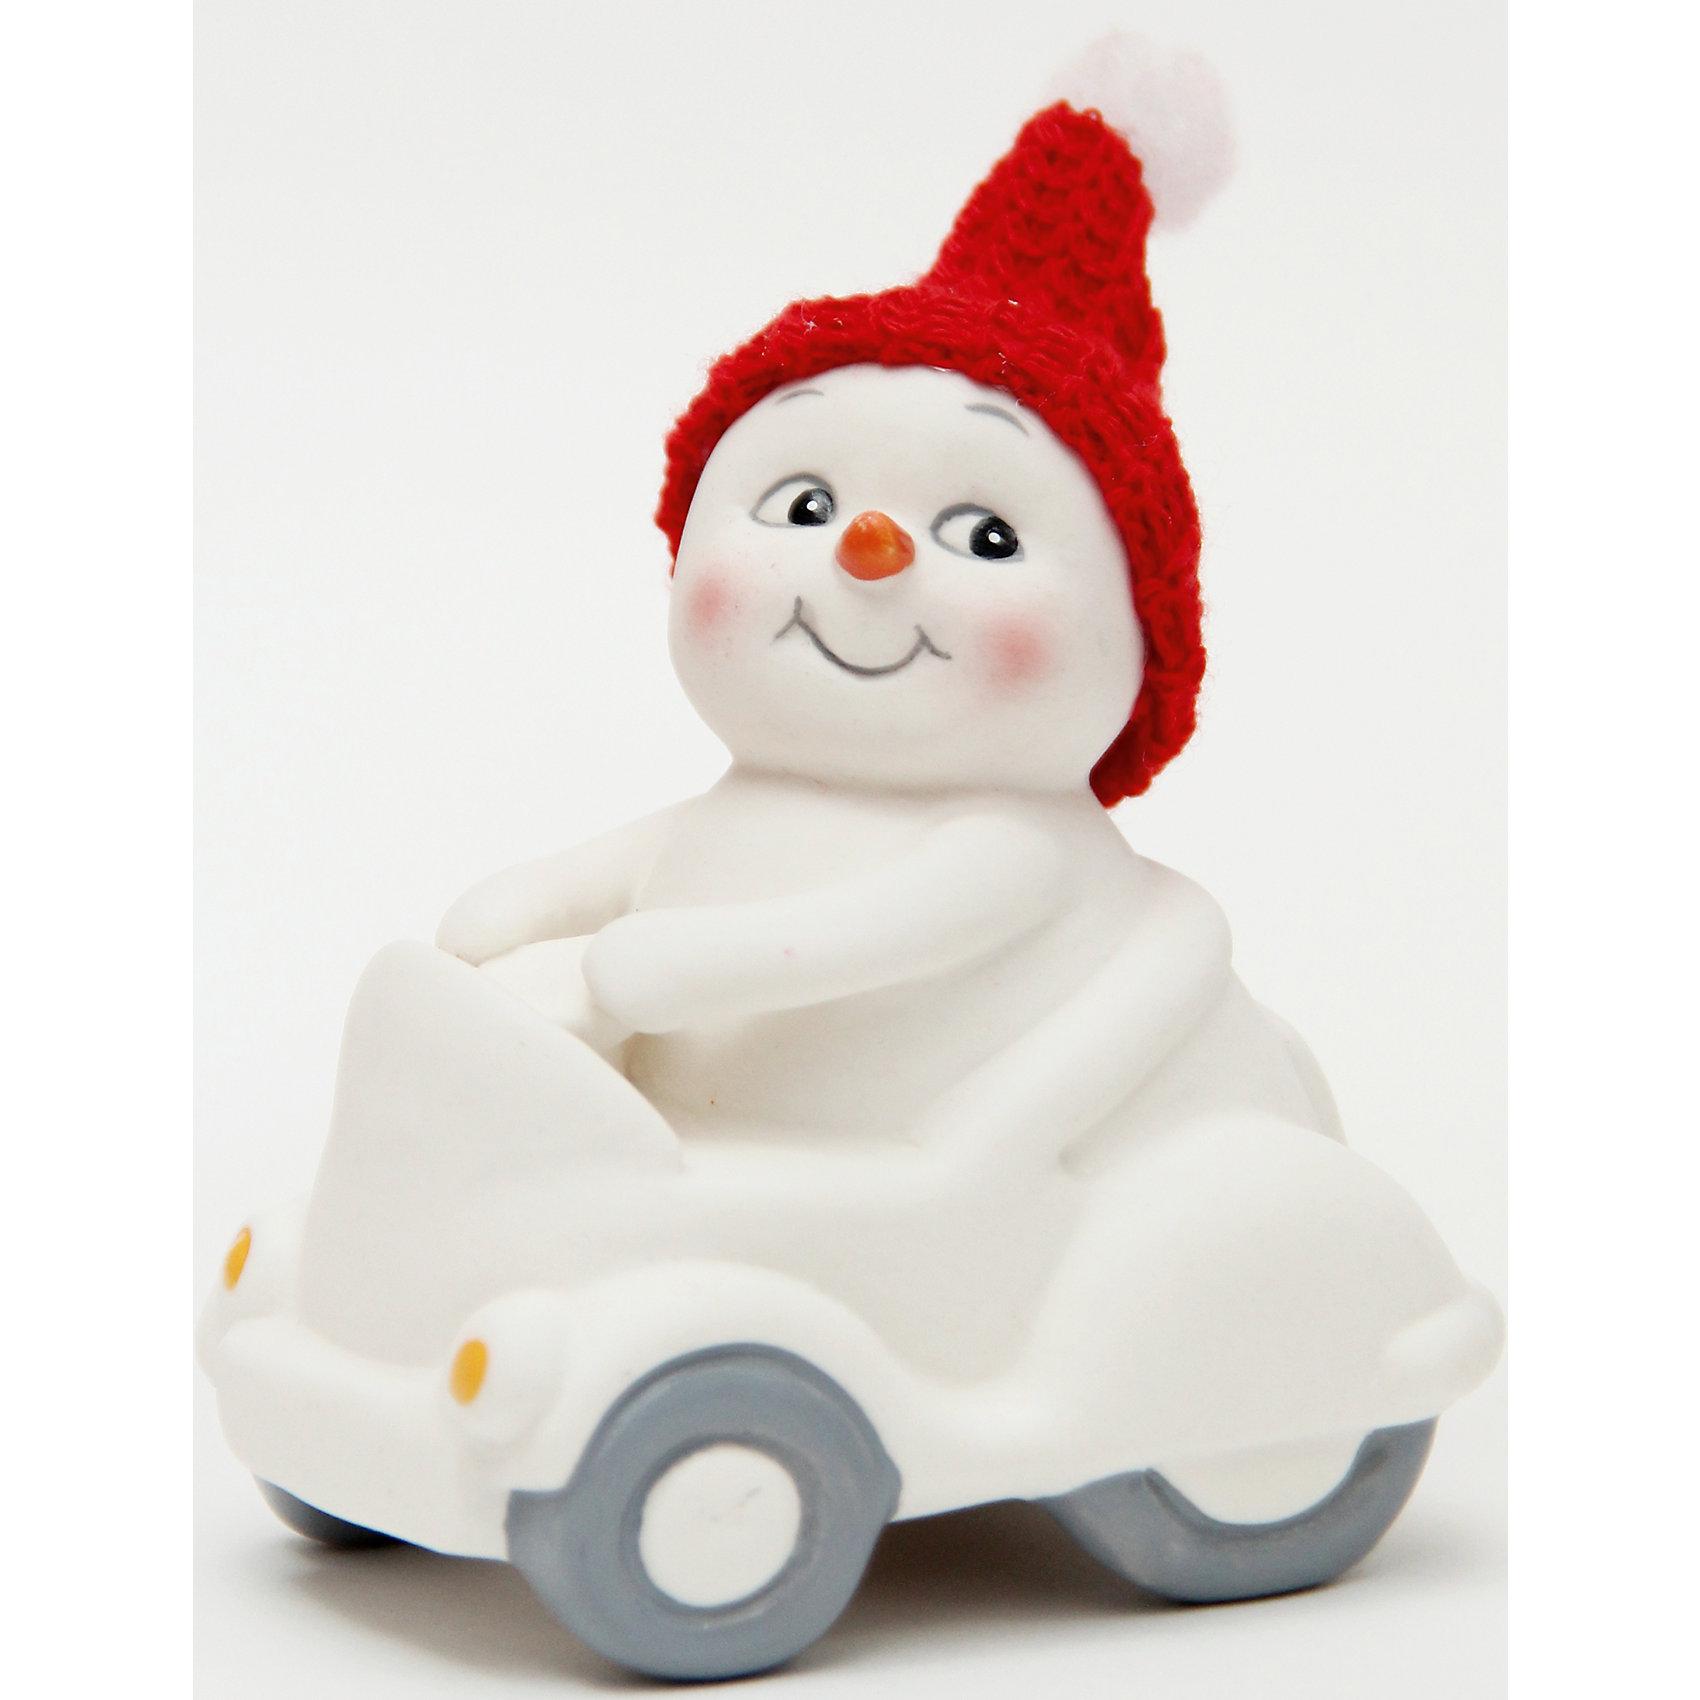 Фигурка Снеговик в машине 8 см, керамикаВсё для праздника<br>Новогодняя фигурка снеговика Снеговик в машине  арт.41747 (8см, керамика) / 8 арт.41747<br><br>Ширина мм: 55<br>Глубина мм: 75<br>Высота мм: 80<br>Вес г: 133<br>Возраст от месяцев: 60<br>Возраст до месяцев: 600<br>Пол: Унисекс<br>Возраст: Детский<br>SKU: 5144564